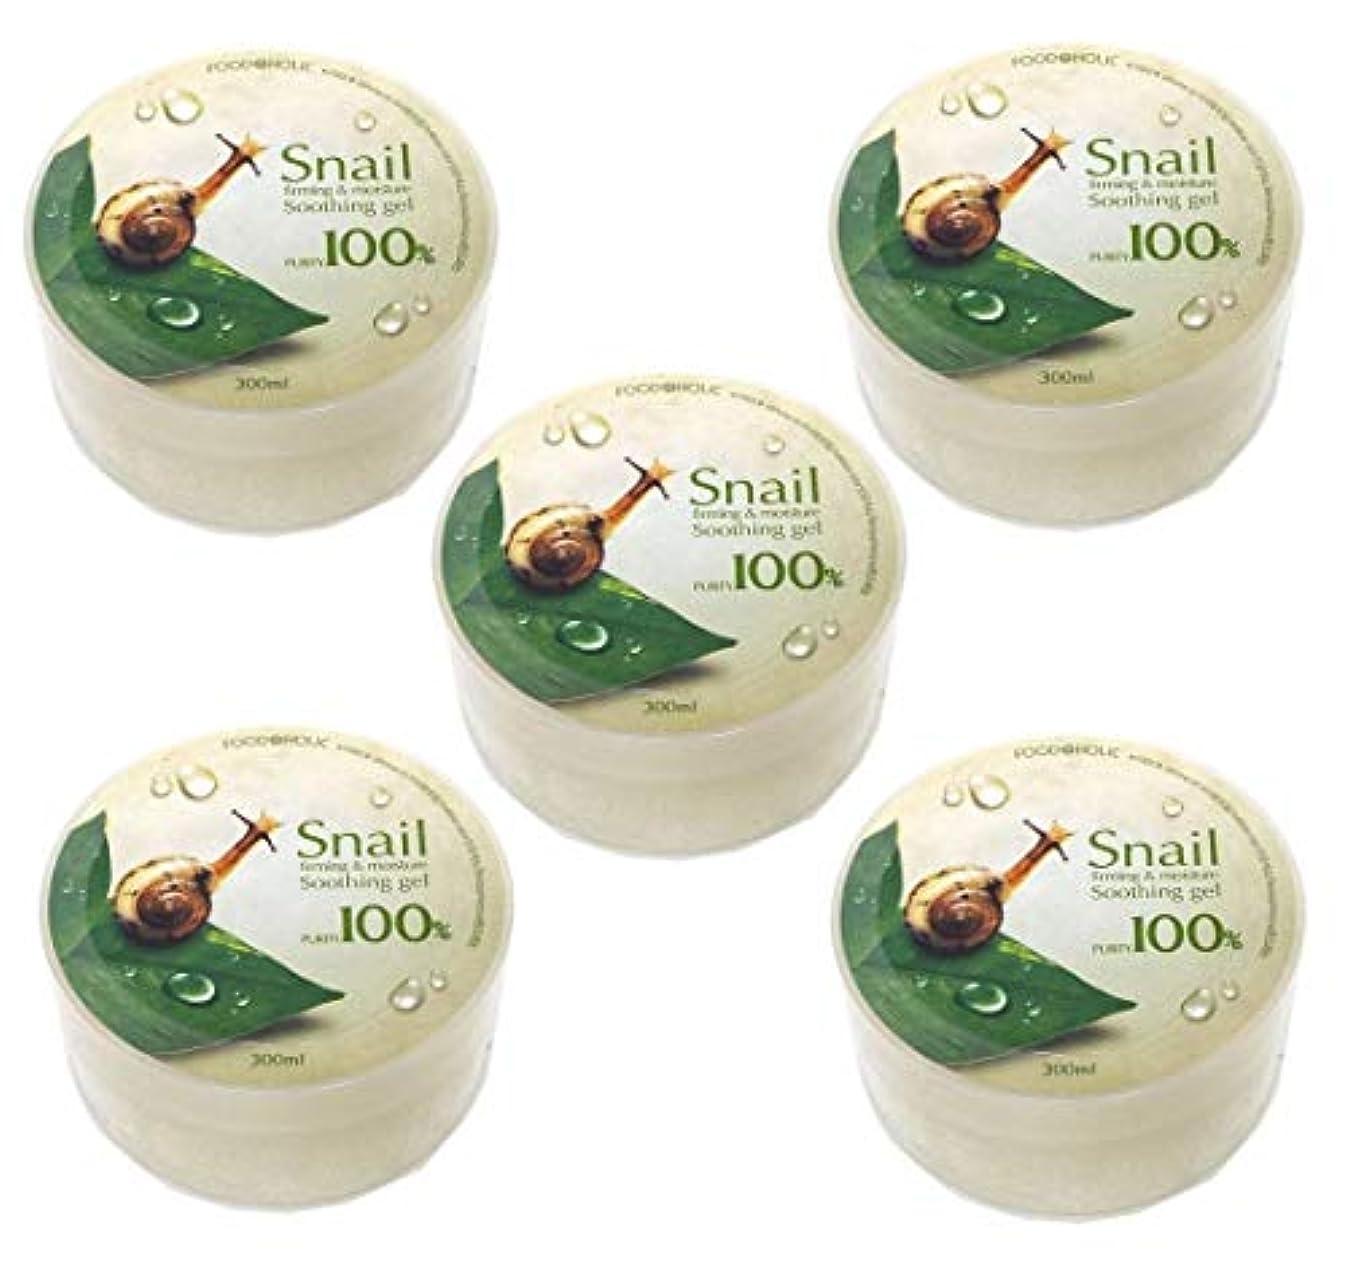 閉塞絶妙何でも[Food A Holic] スネイルファーミング&水分スージングジェル300ml X 5ea / Snail Firming & moisture Soothing Gel 300ml X 5ea / 純度97% / purity 97% / 韓国化粧品/Korean Cosmetics [並行輸入品]